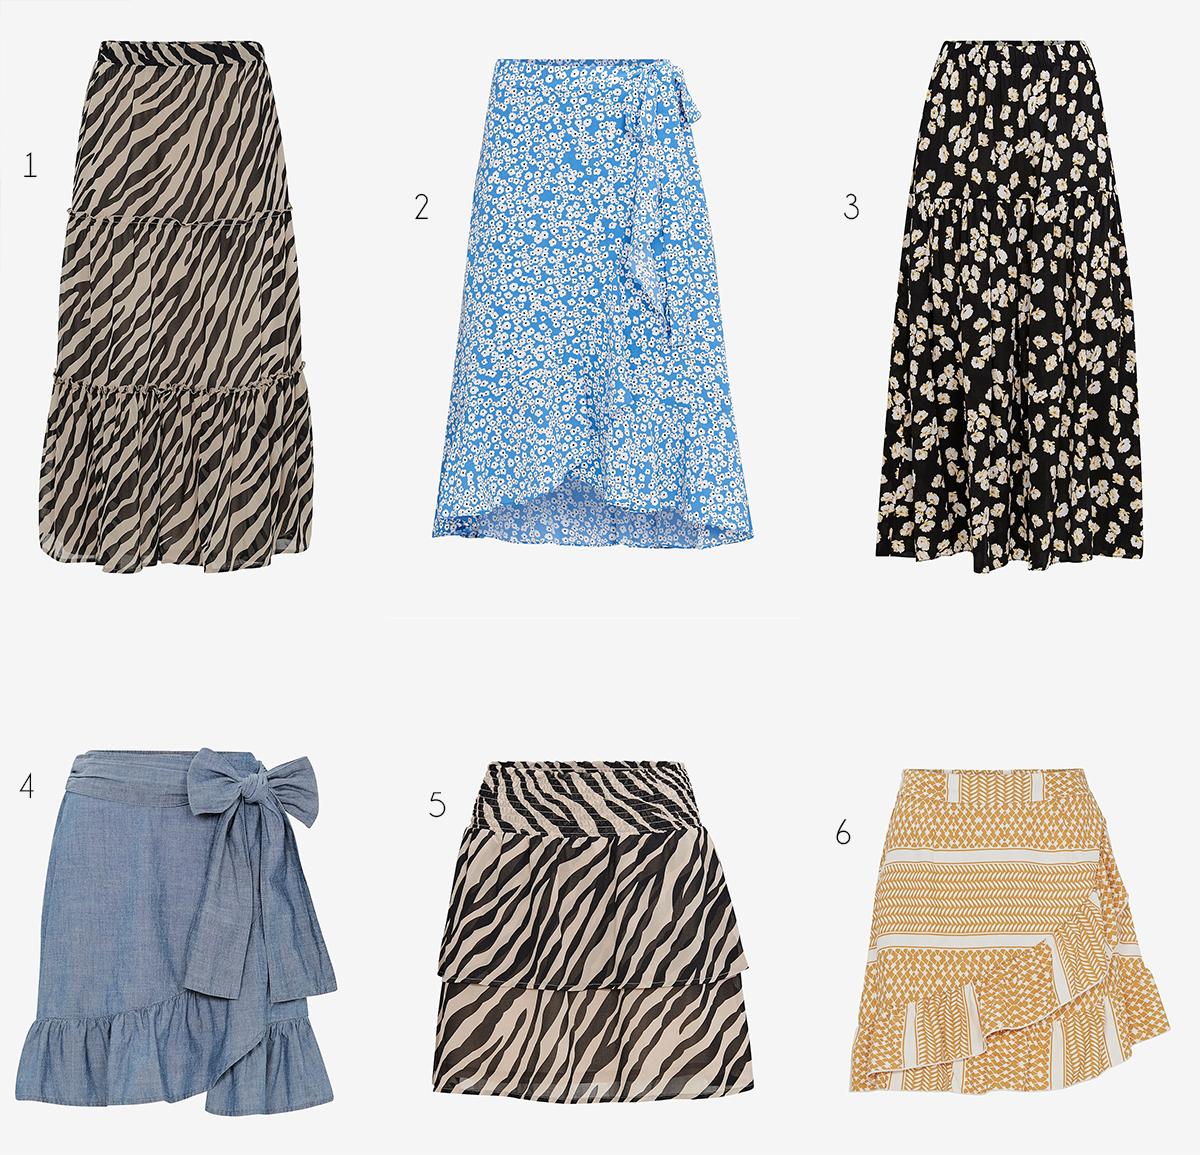 kjolar i mönster och färg